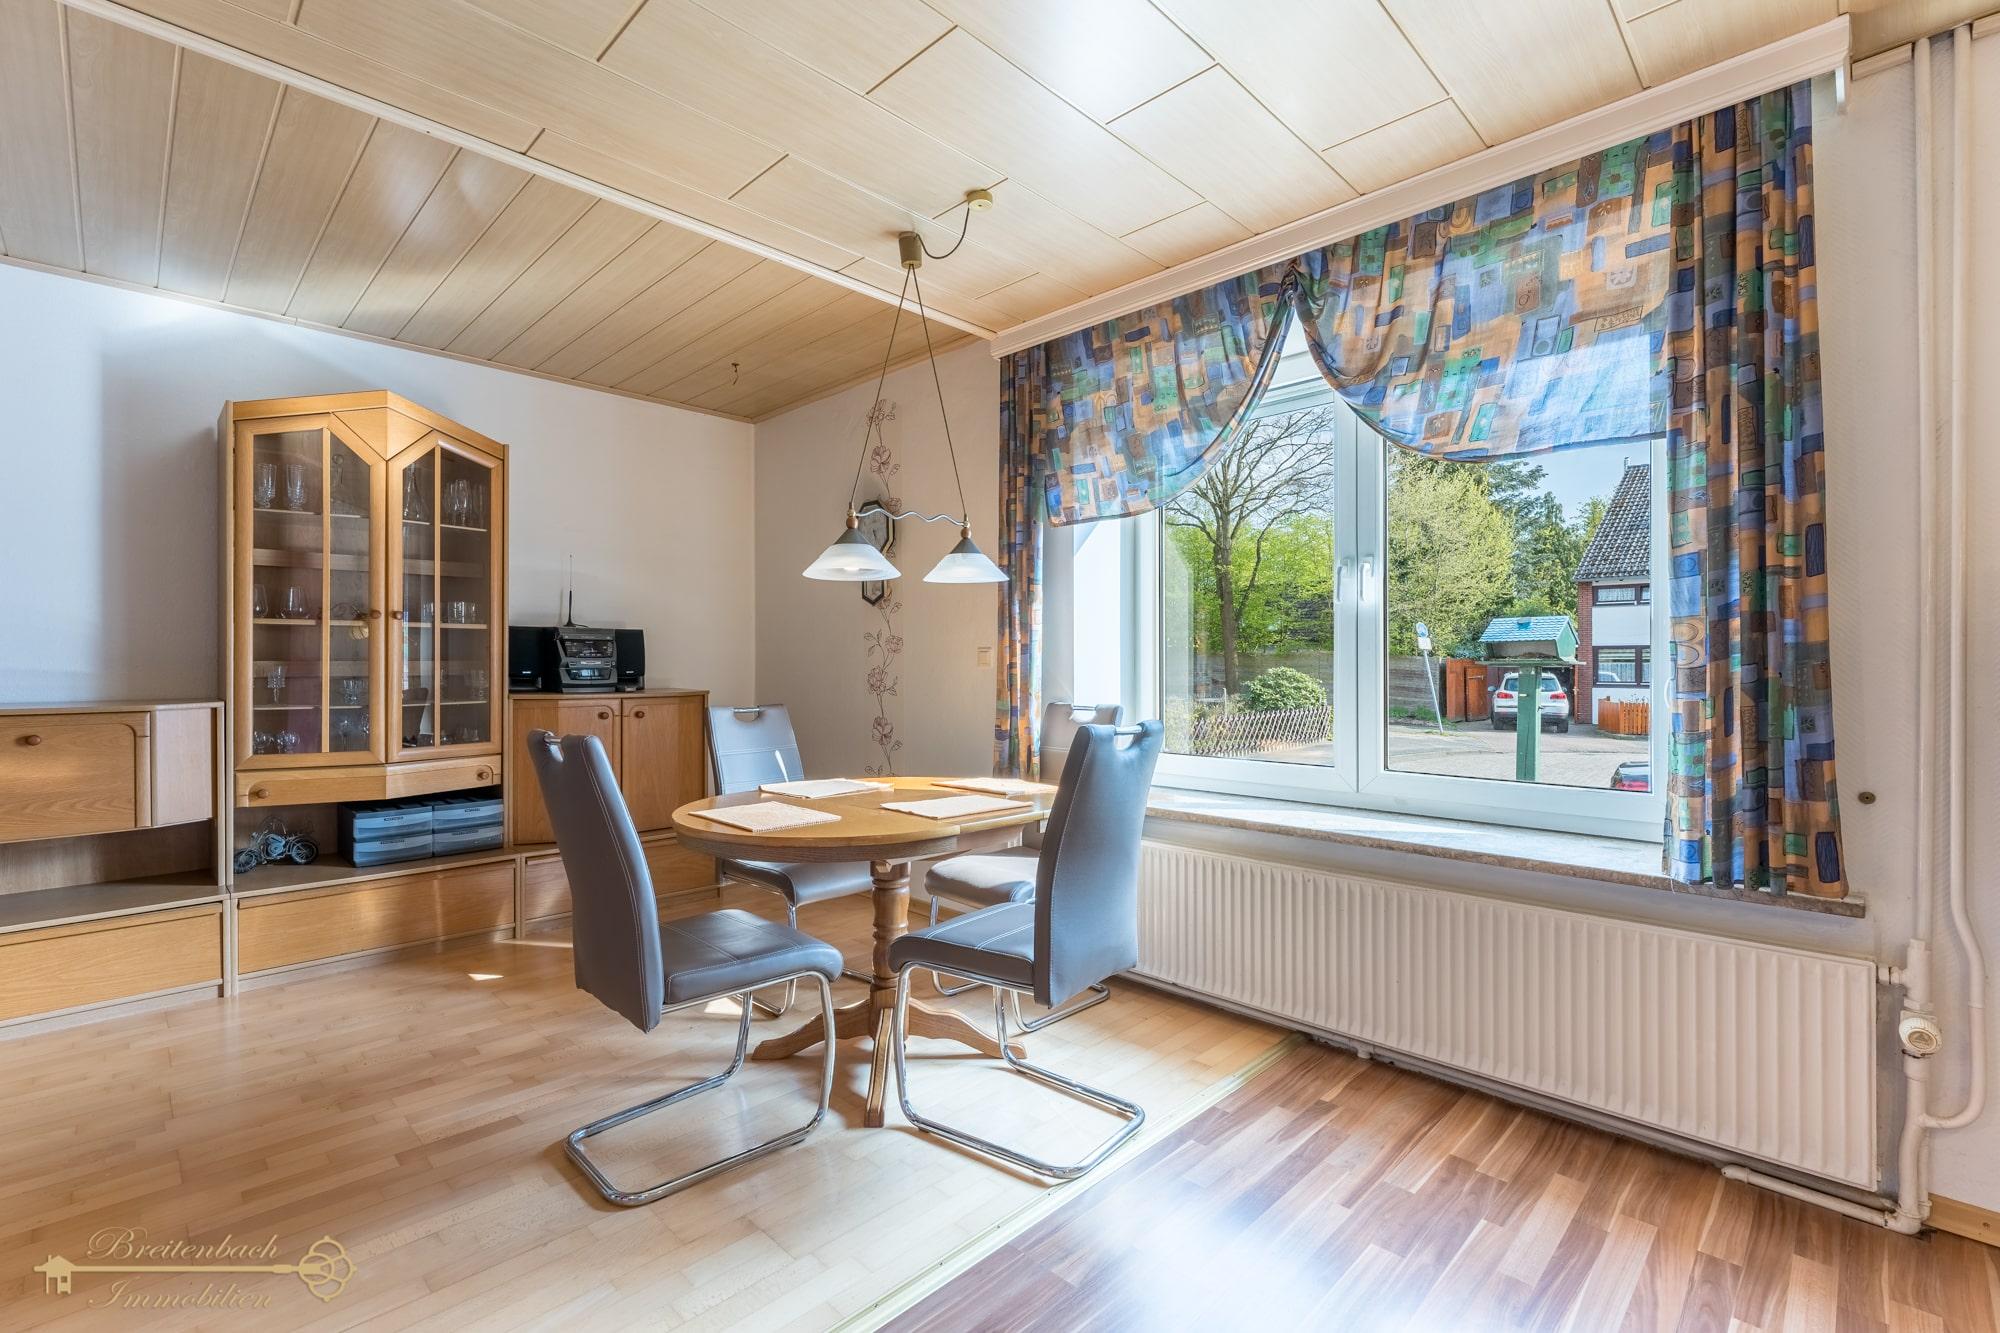 2021-05-01-Breitenbach-Immobilien-Makler-Bremen-17-min